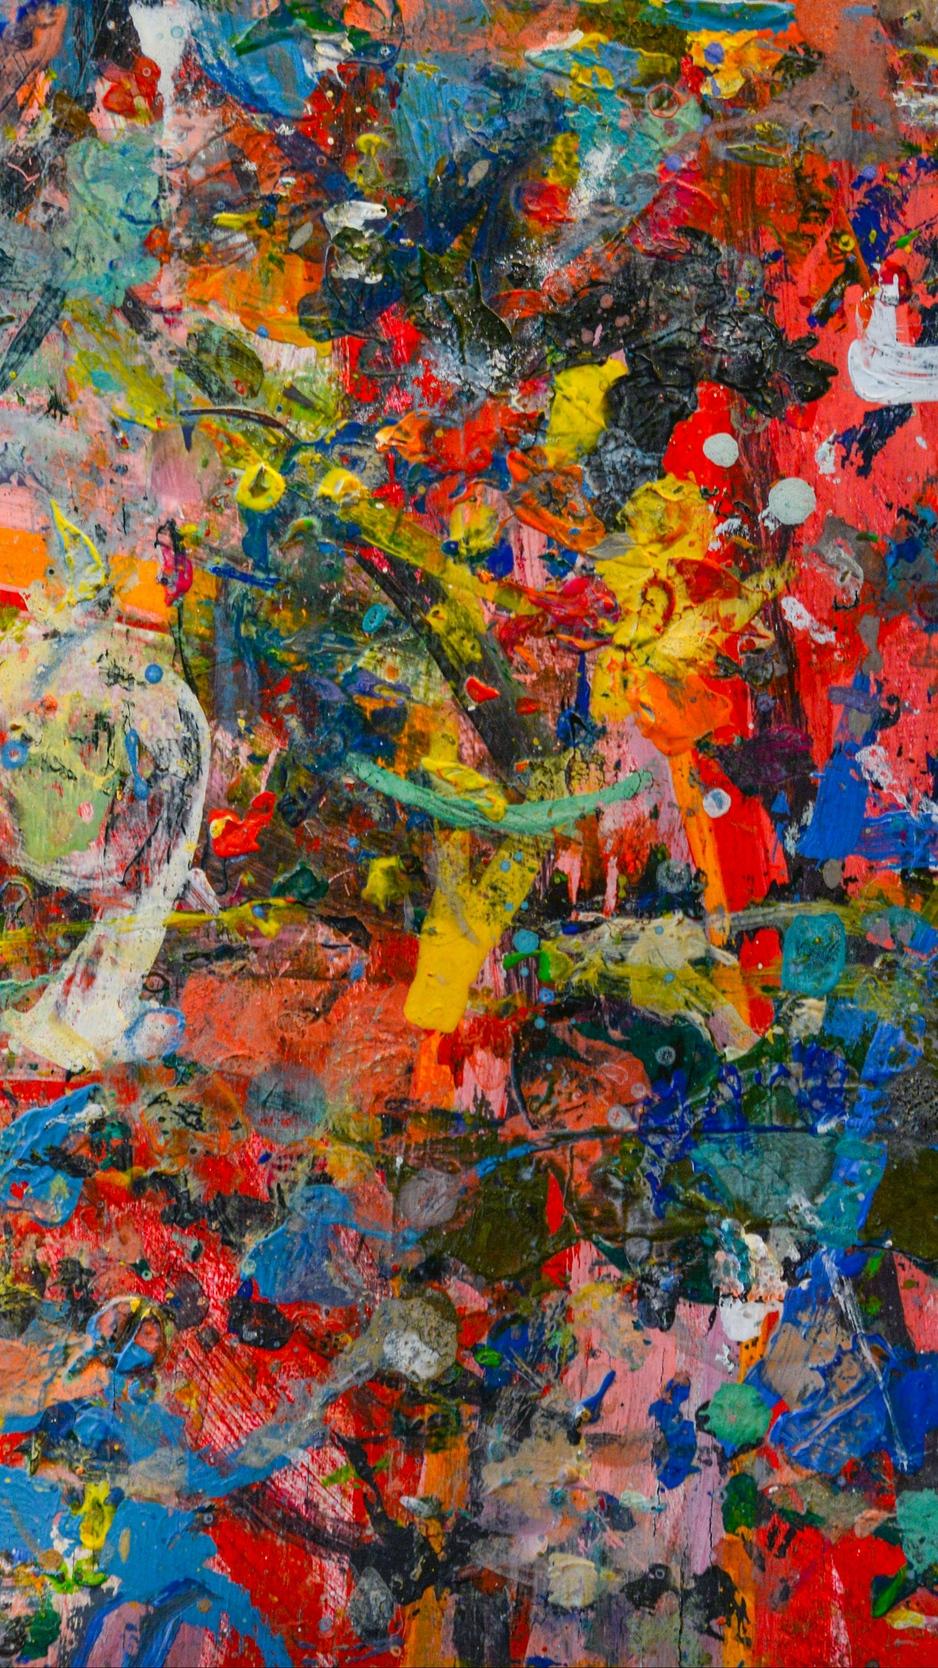 Wallpaper Painting Art - Qhd Wallpaper Art , HD Wallpaper & Backgrounds